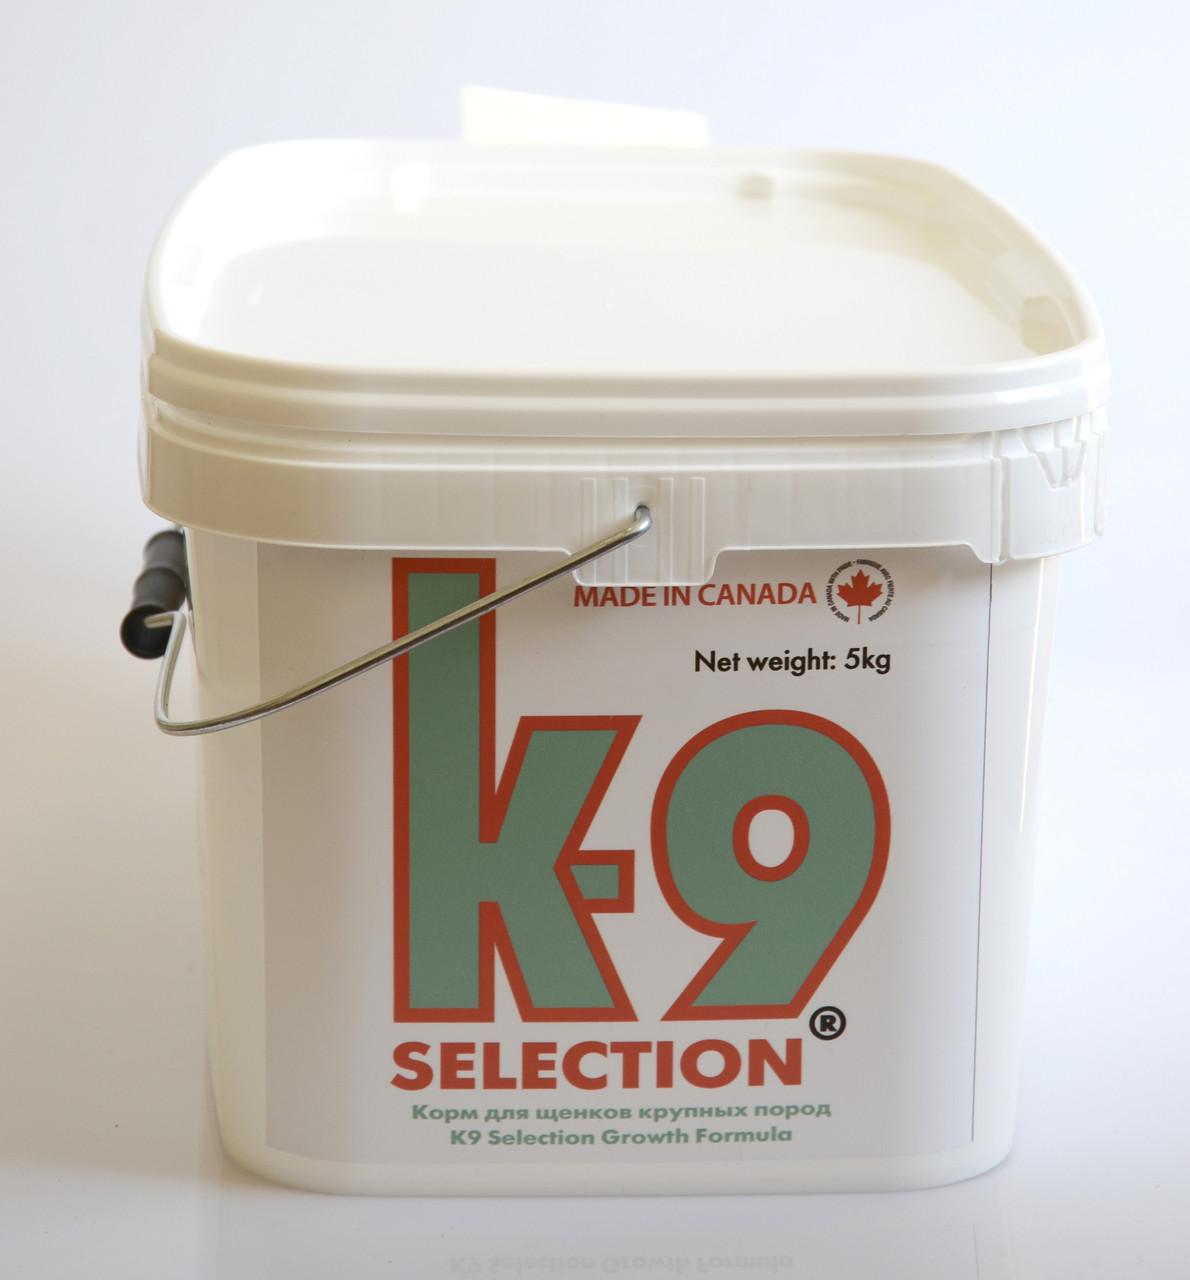 Сухой корм для щенков крупных пород K-9 Selection Puppy Large Breed 5 кг + контейнер в подарок